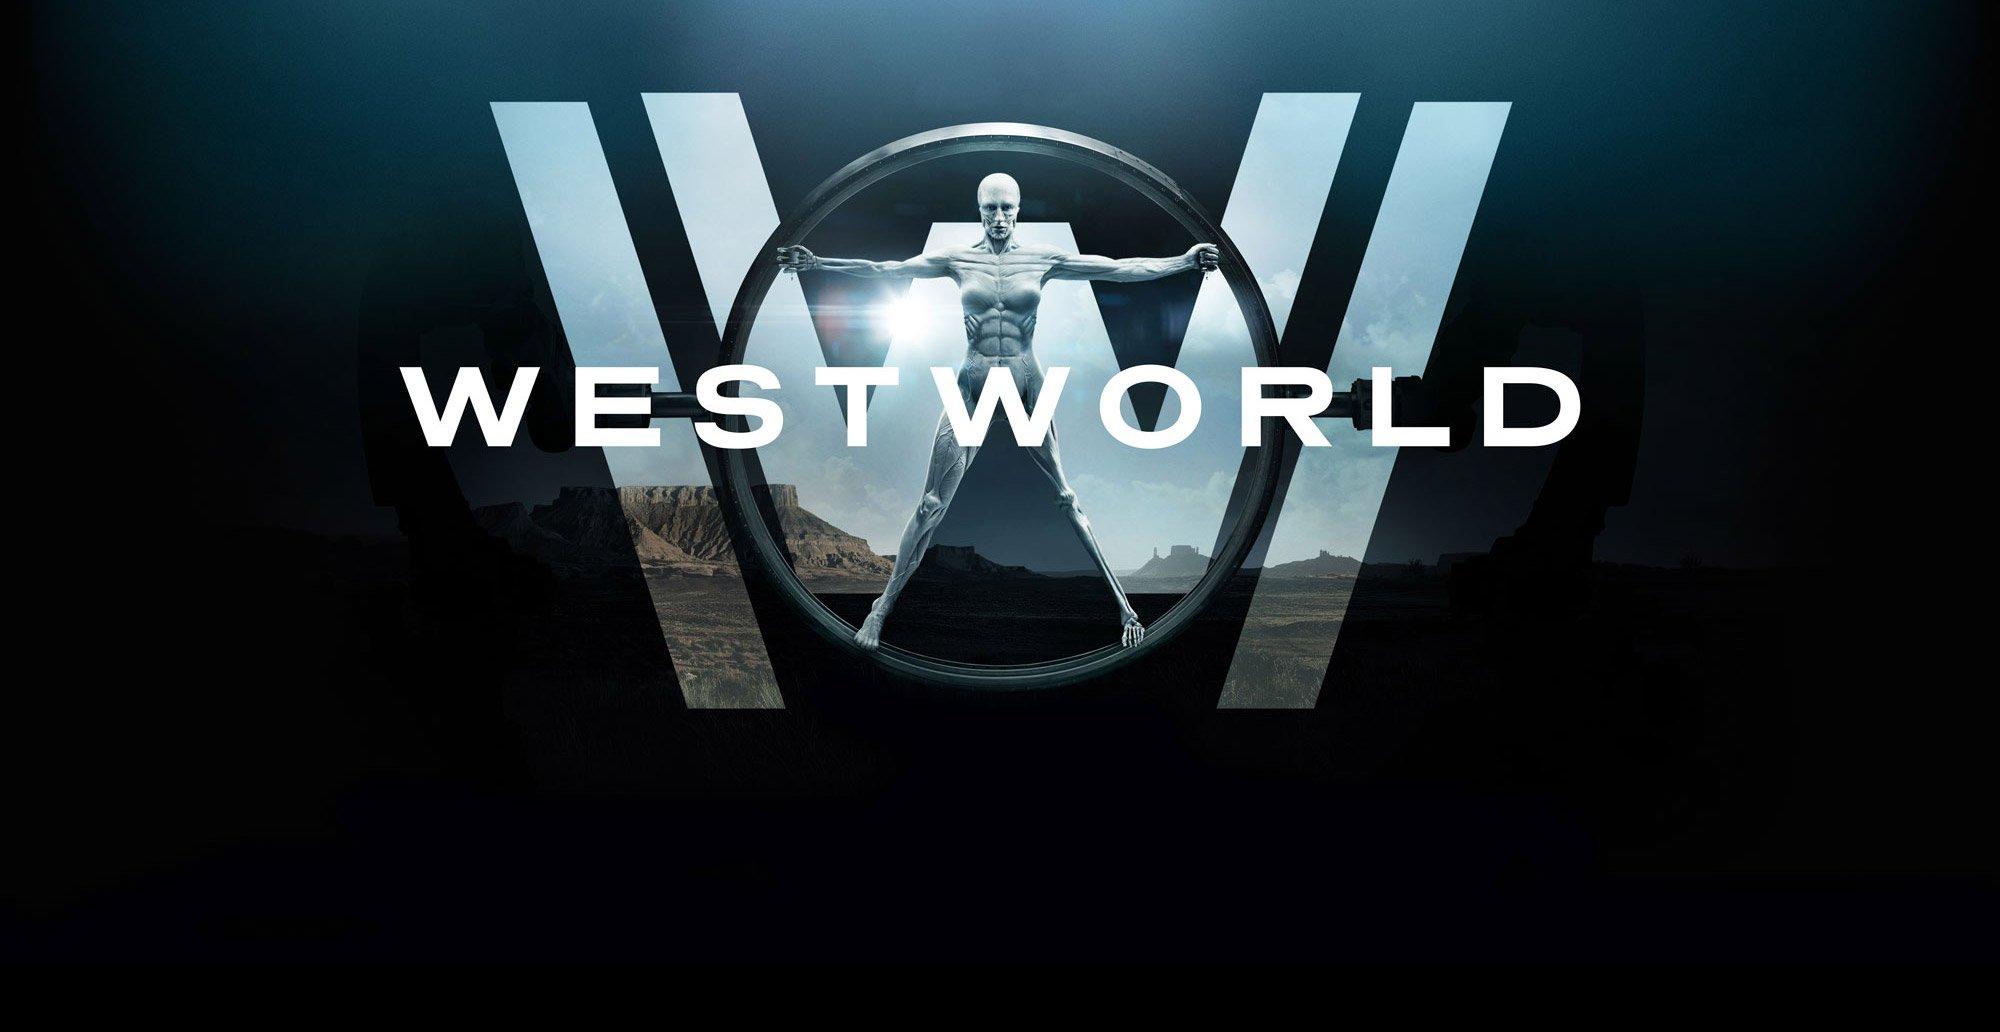 Bir çoxlarının həyacanla gözlədiyi Westworld 2-ci sezon traileri 'Super Bowl'da təqdim olundu